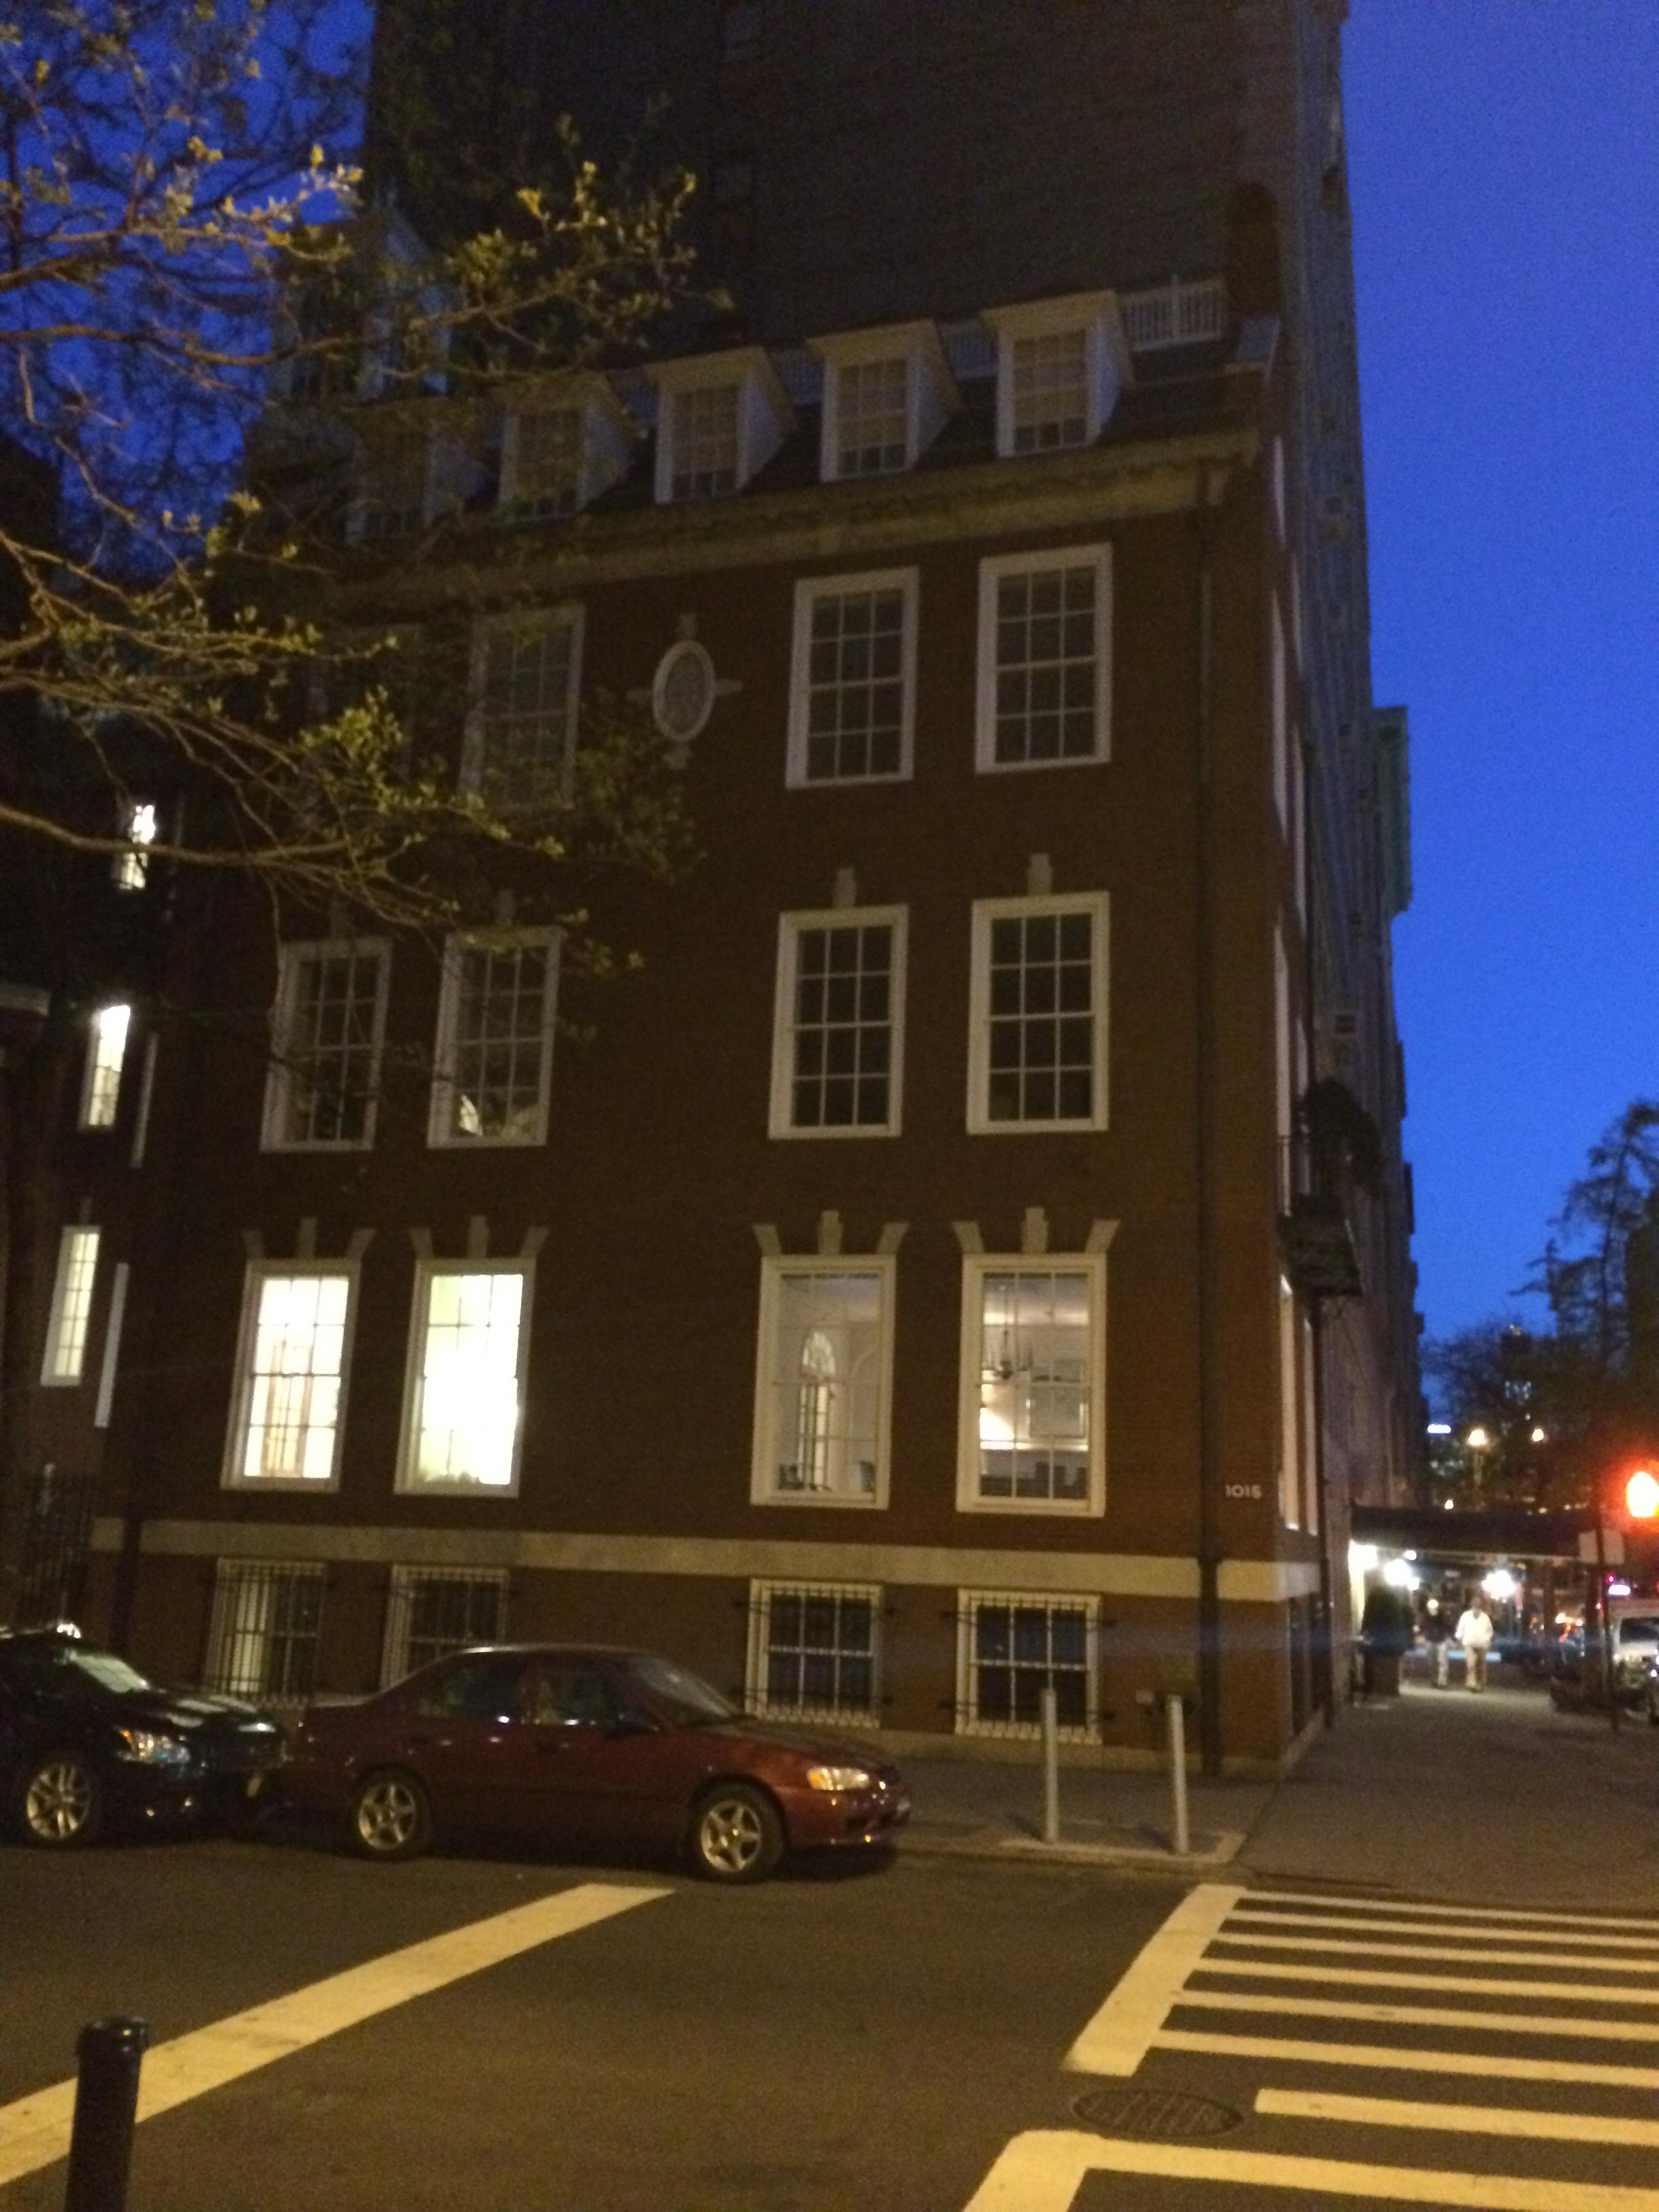 Landmark-house-in-New-York-City.JPG